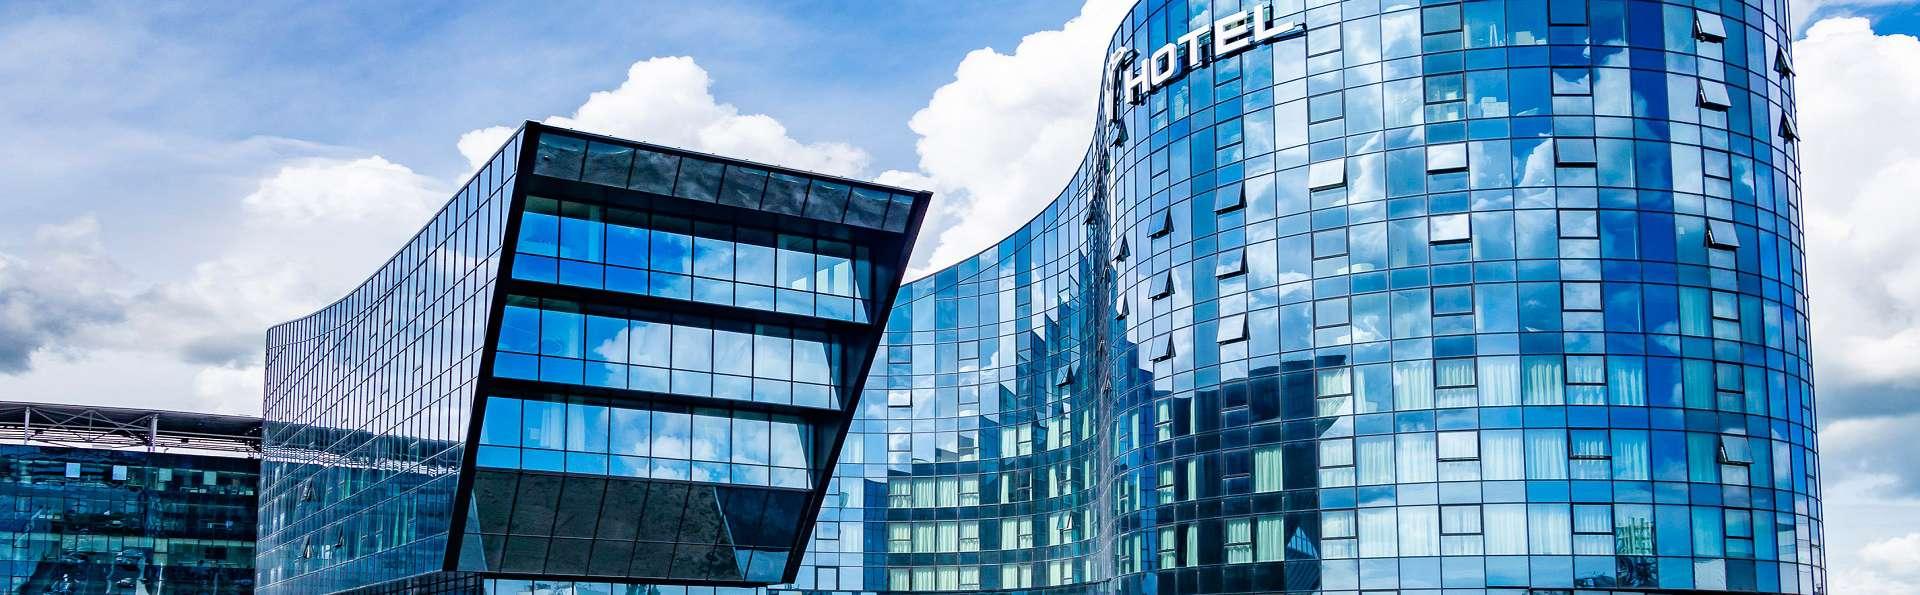 Van der Valk Hotel Gent - _DSC5120-2.jpg